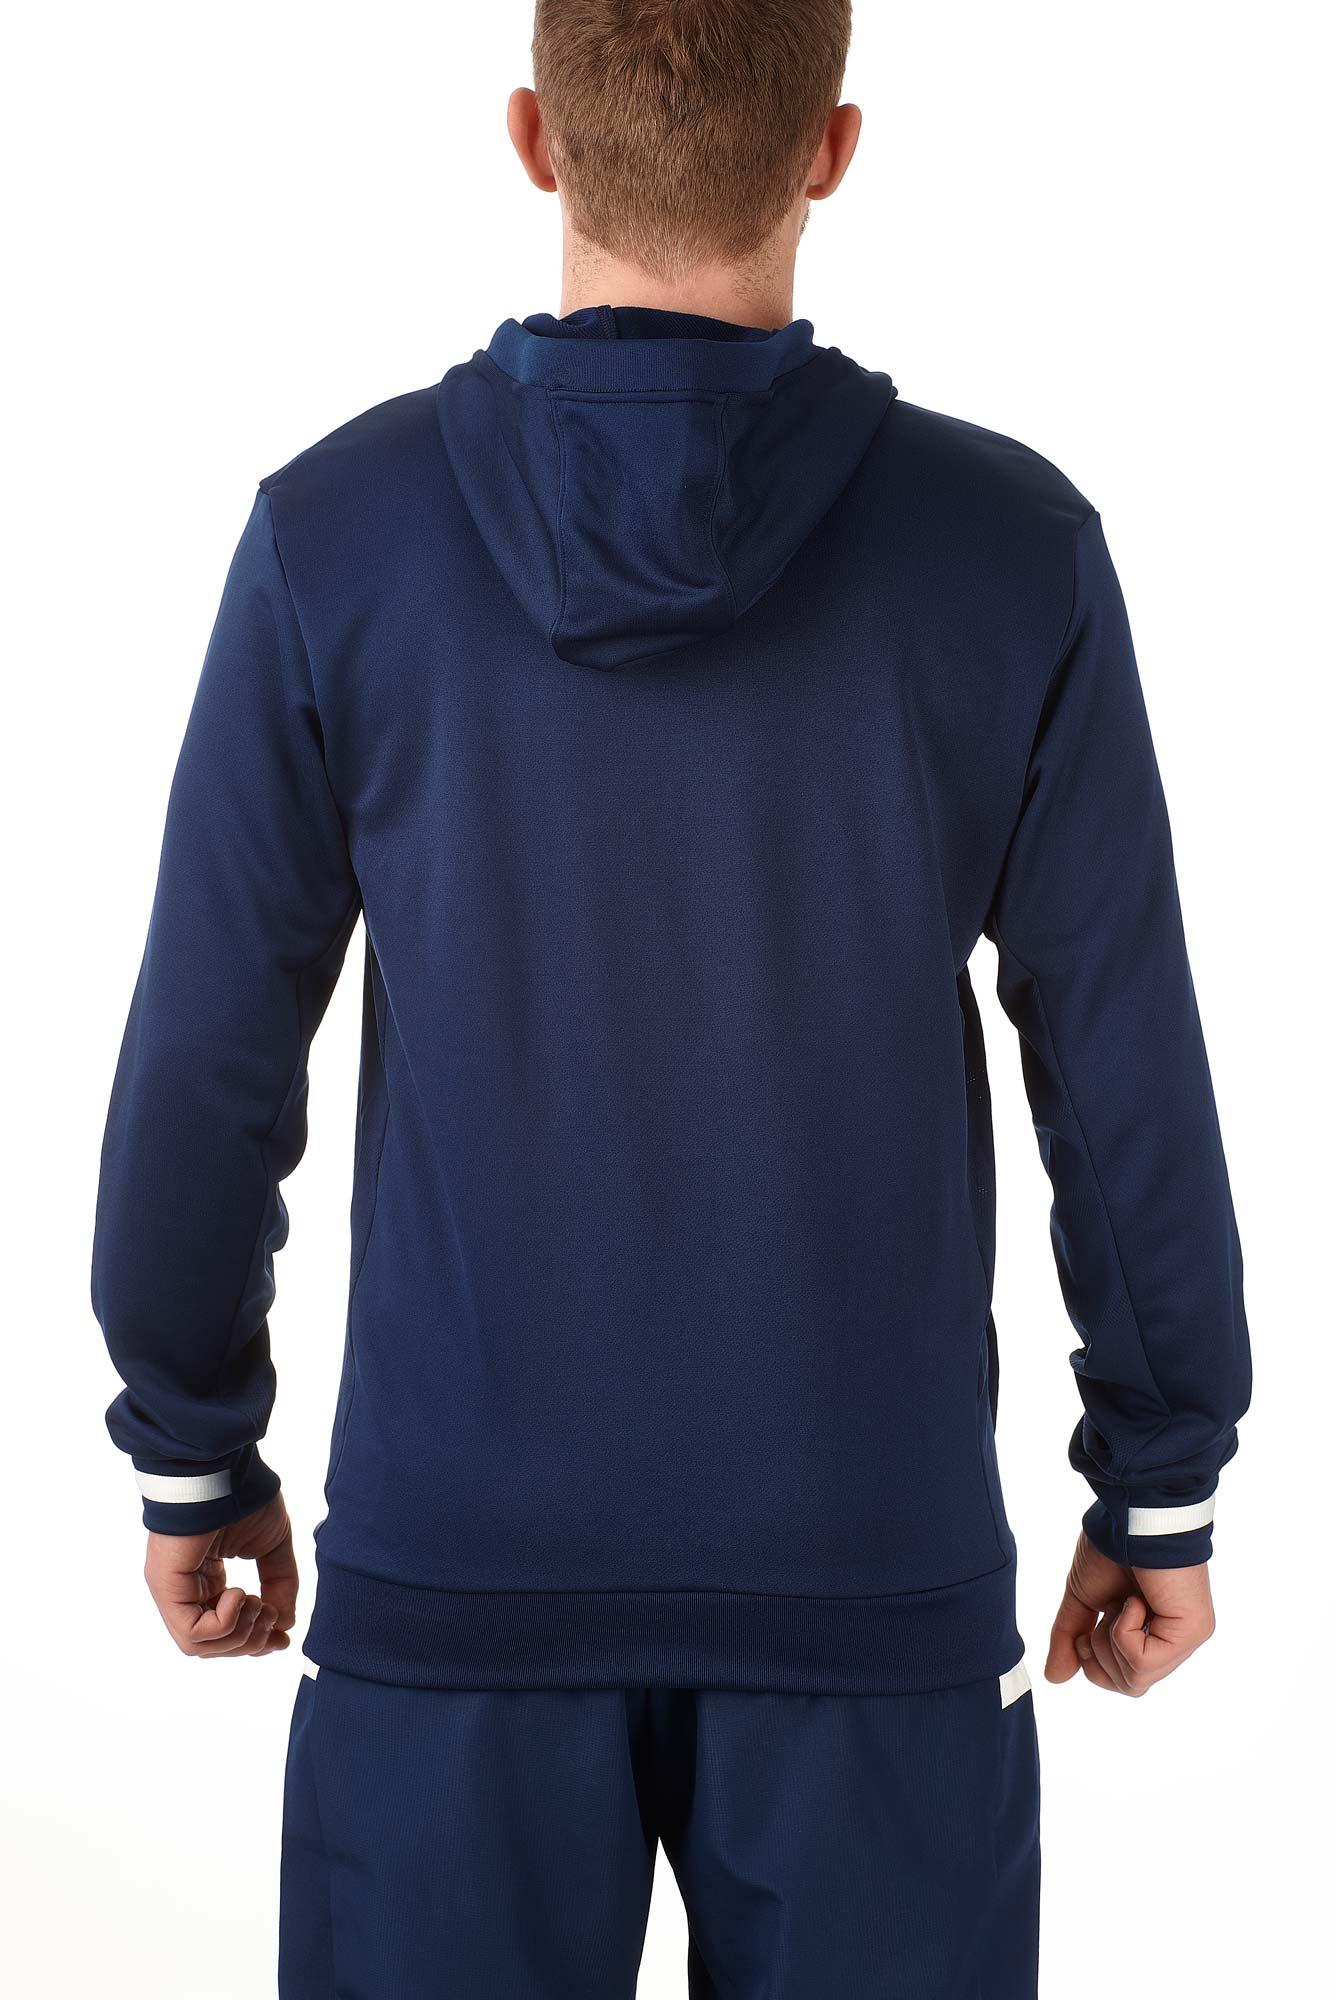 adidas T19 Hoodie Männer blauweiß, DY8825